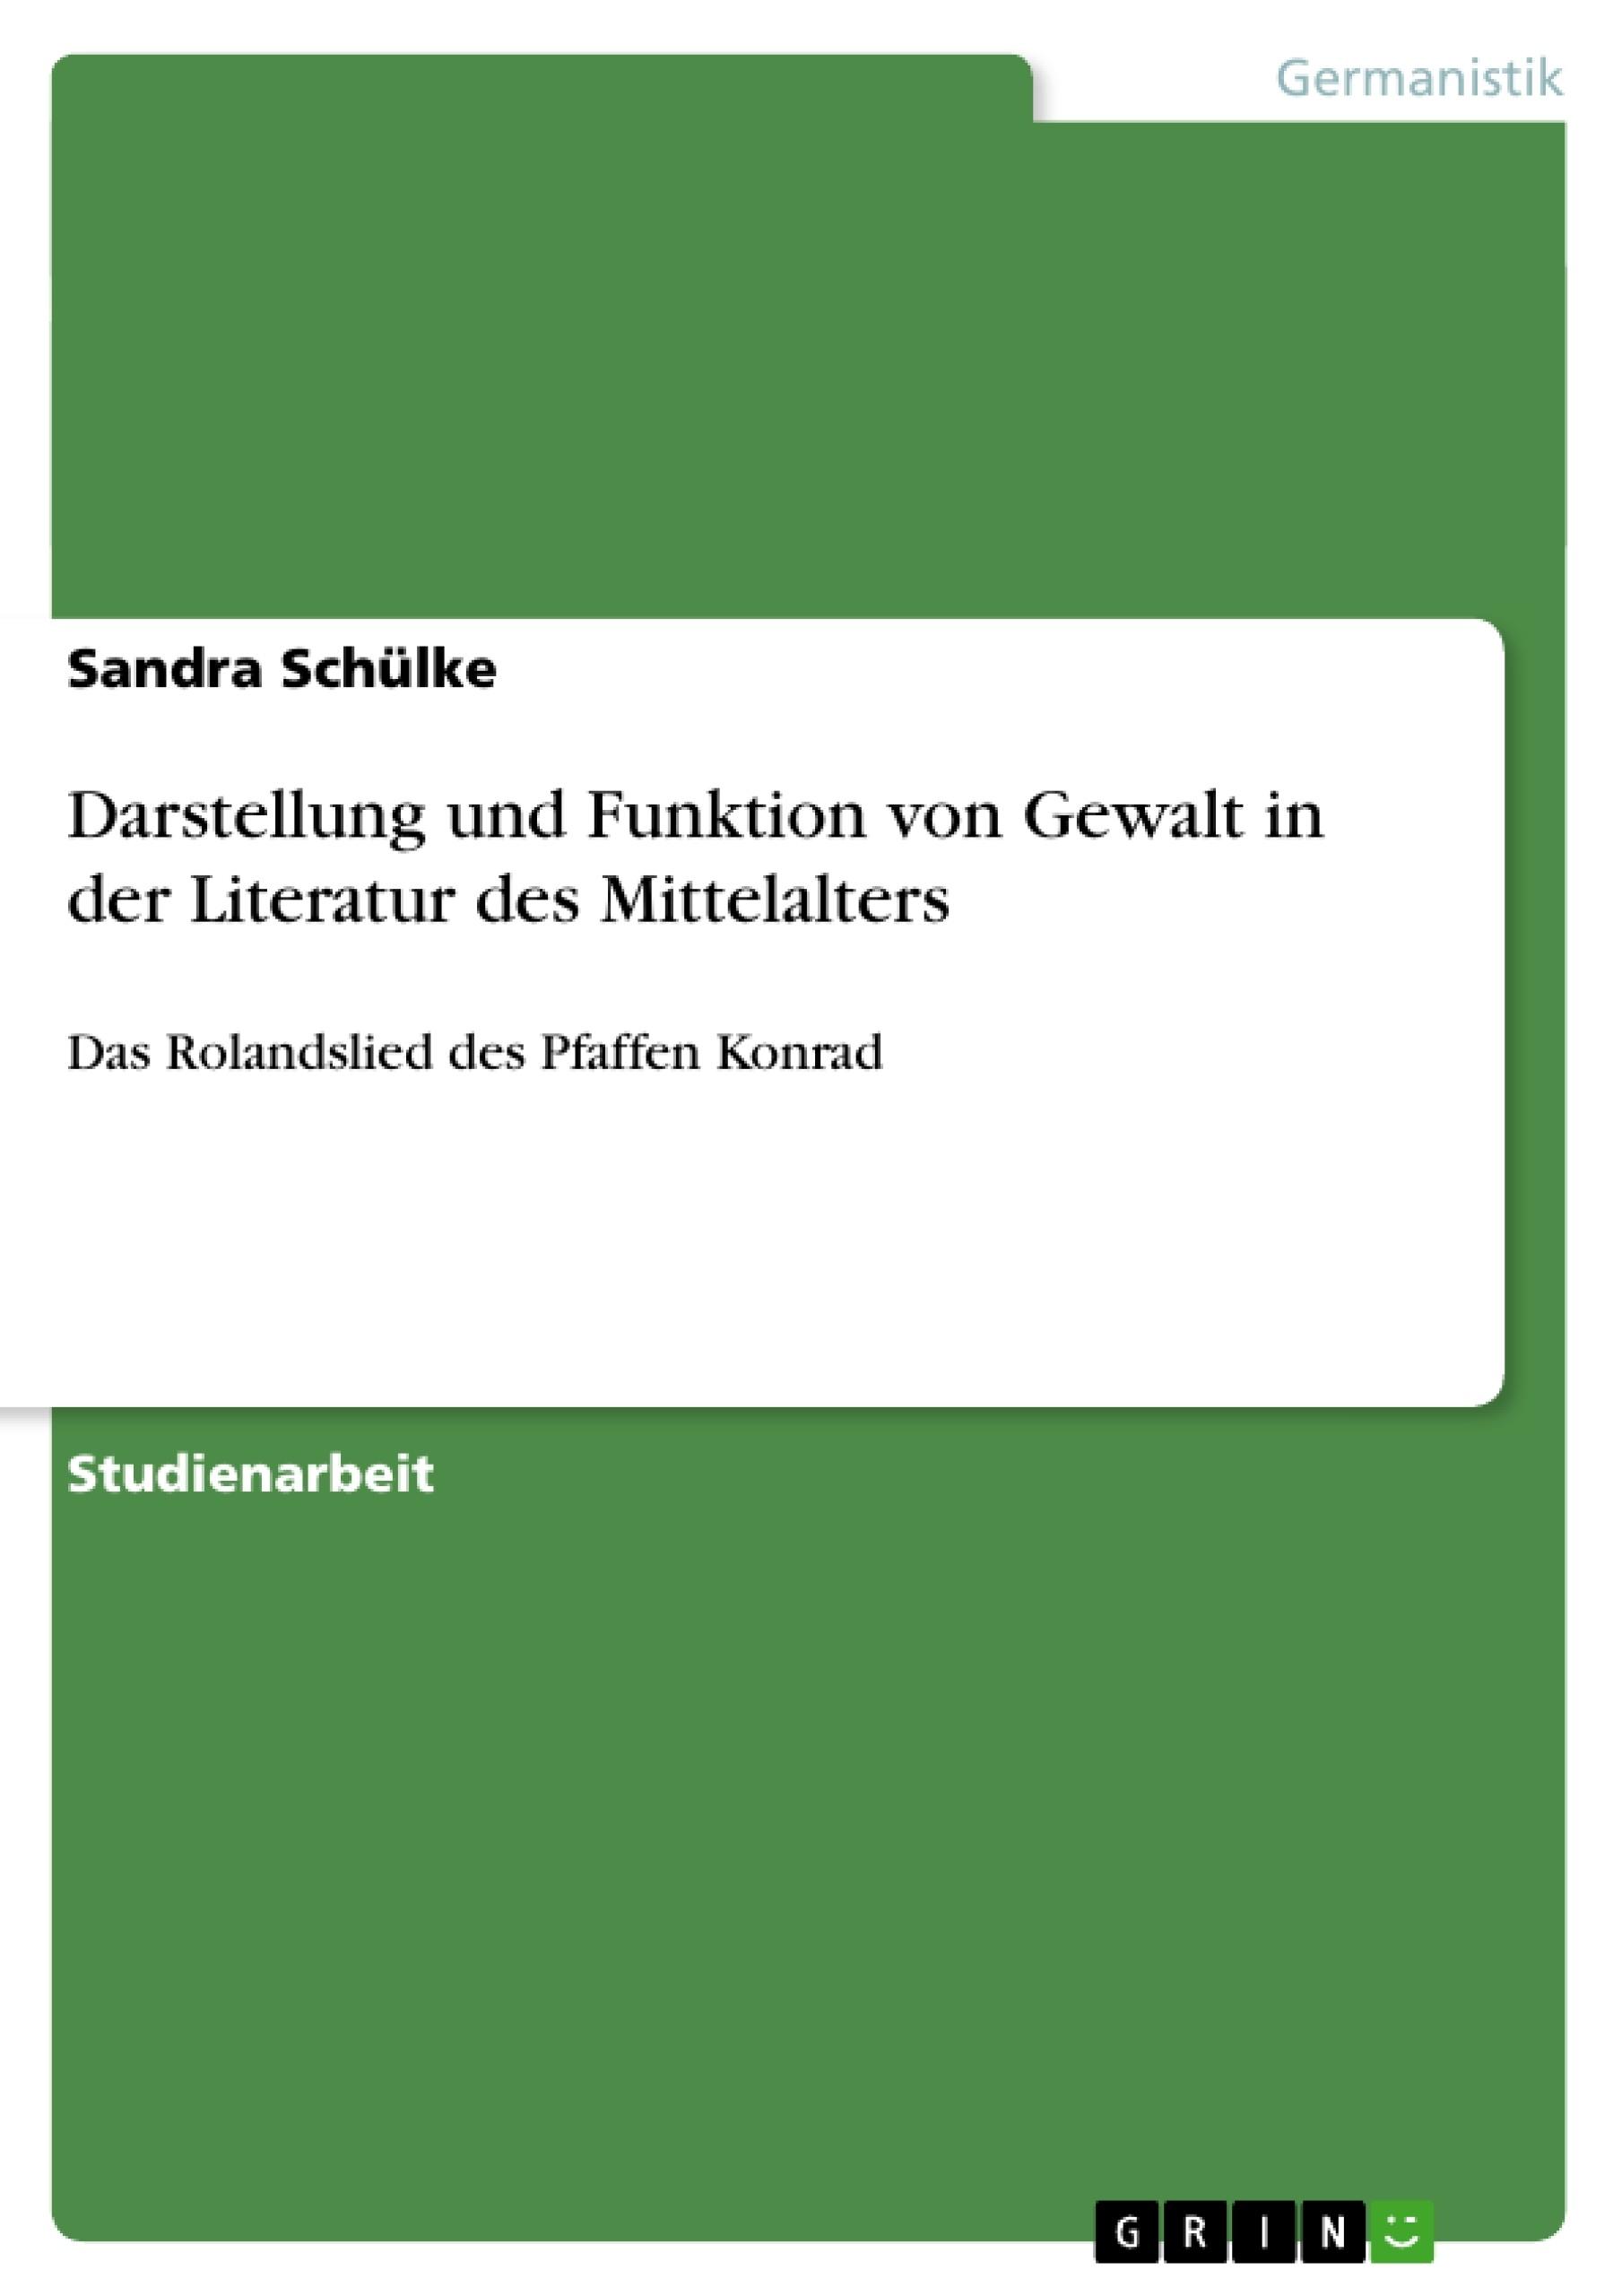 Titel: Darstellung und Funktion von Gewalt in der Literatur des Mittelalters